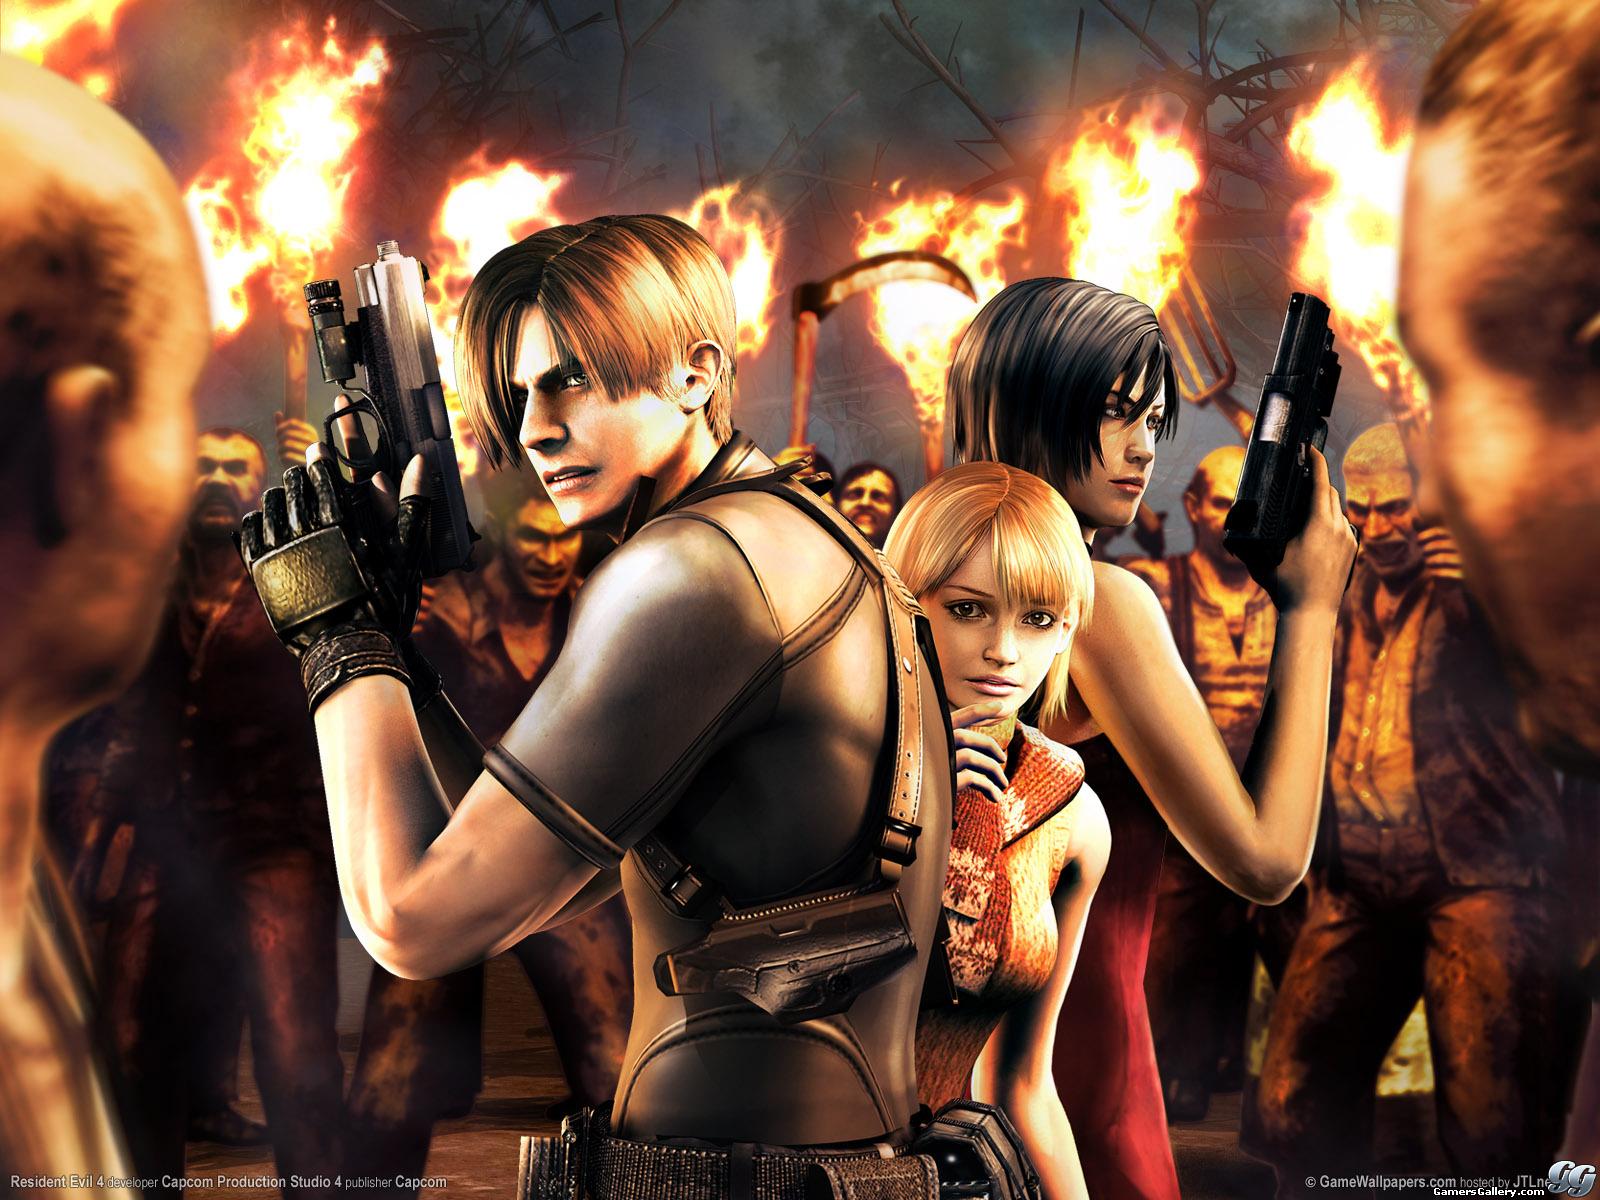 http://3.bp.blogspot.com/-naiW4j7Z7Hk/Tk6jYrz3xiI/AAAAAAAACwk/fOzB_nKJplE/s1600/wallpaper_resident_evil_4_06_16001.jpg